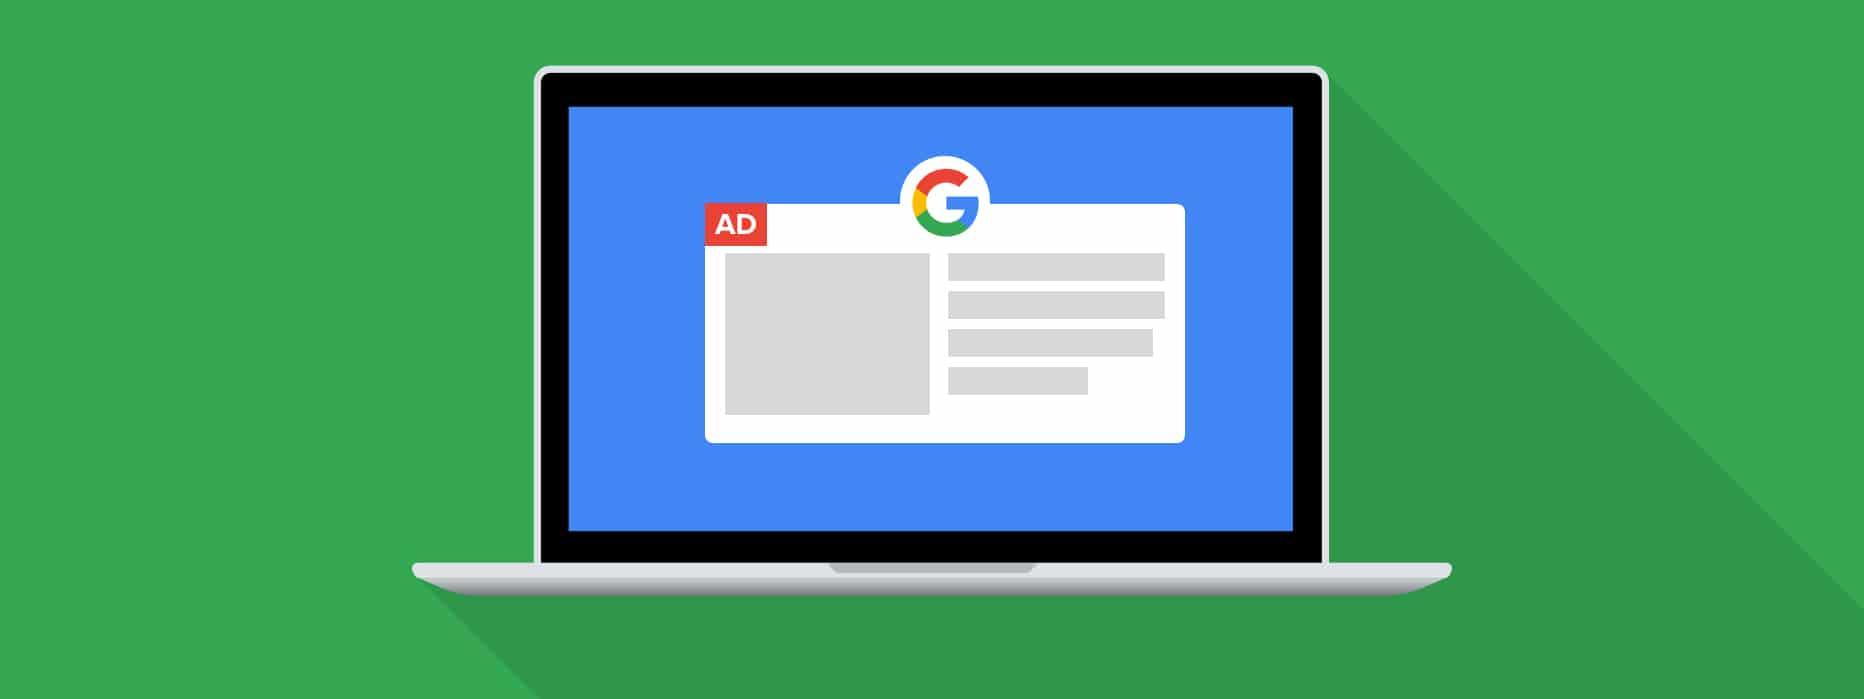 Google update: meer advertentieruimte & Responsive Search Ads